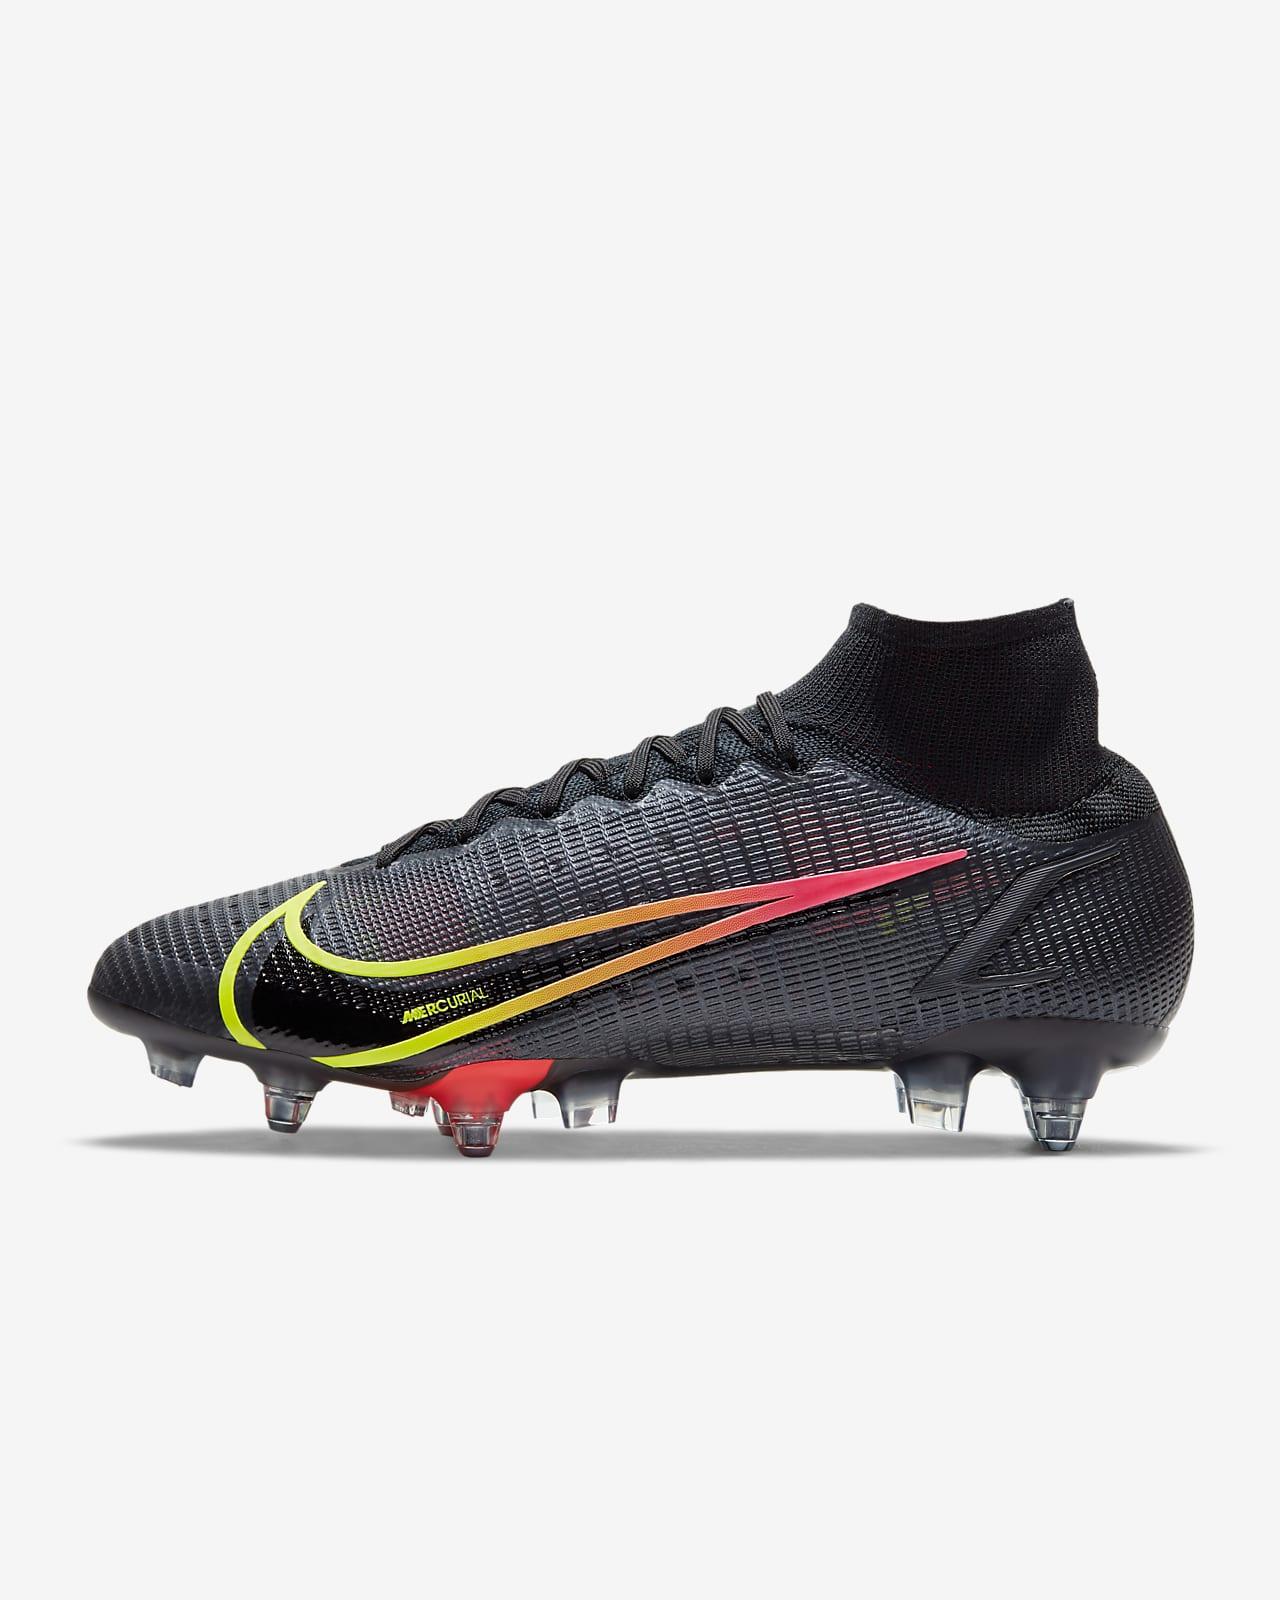 Chaussure de football à crampons pour terrain gras Nike Mercurial Superfly 8 Elite SG-Pro AC